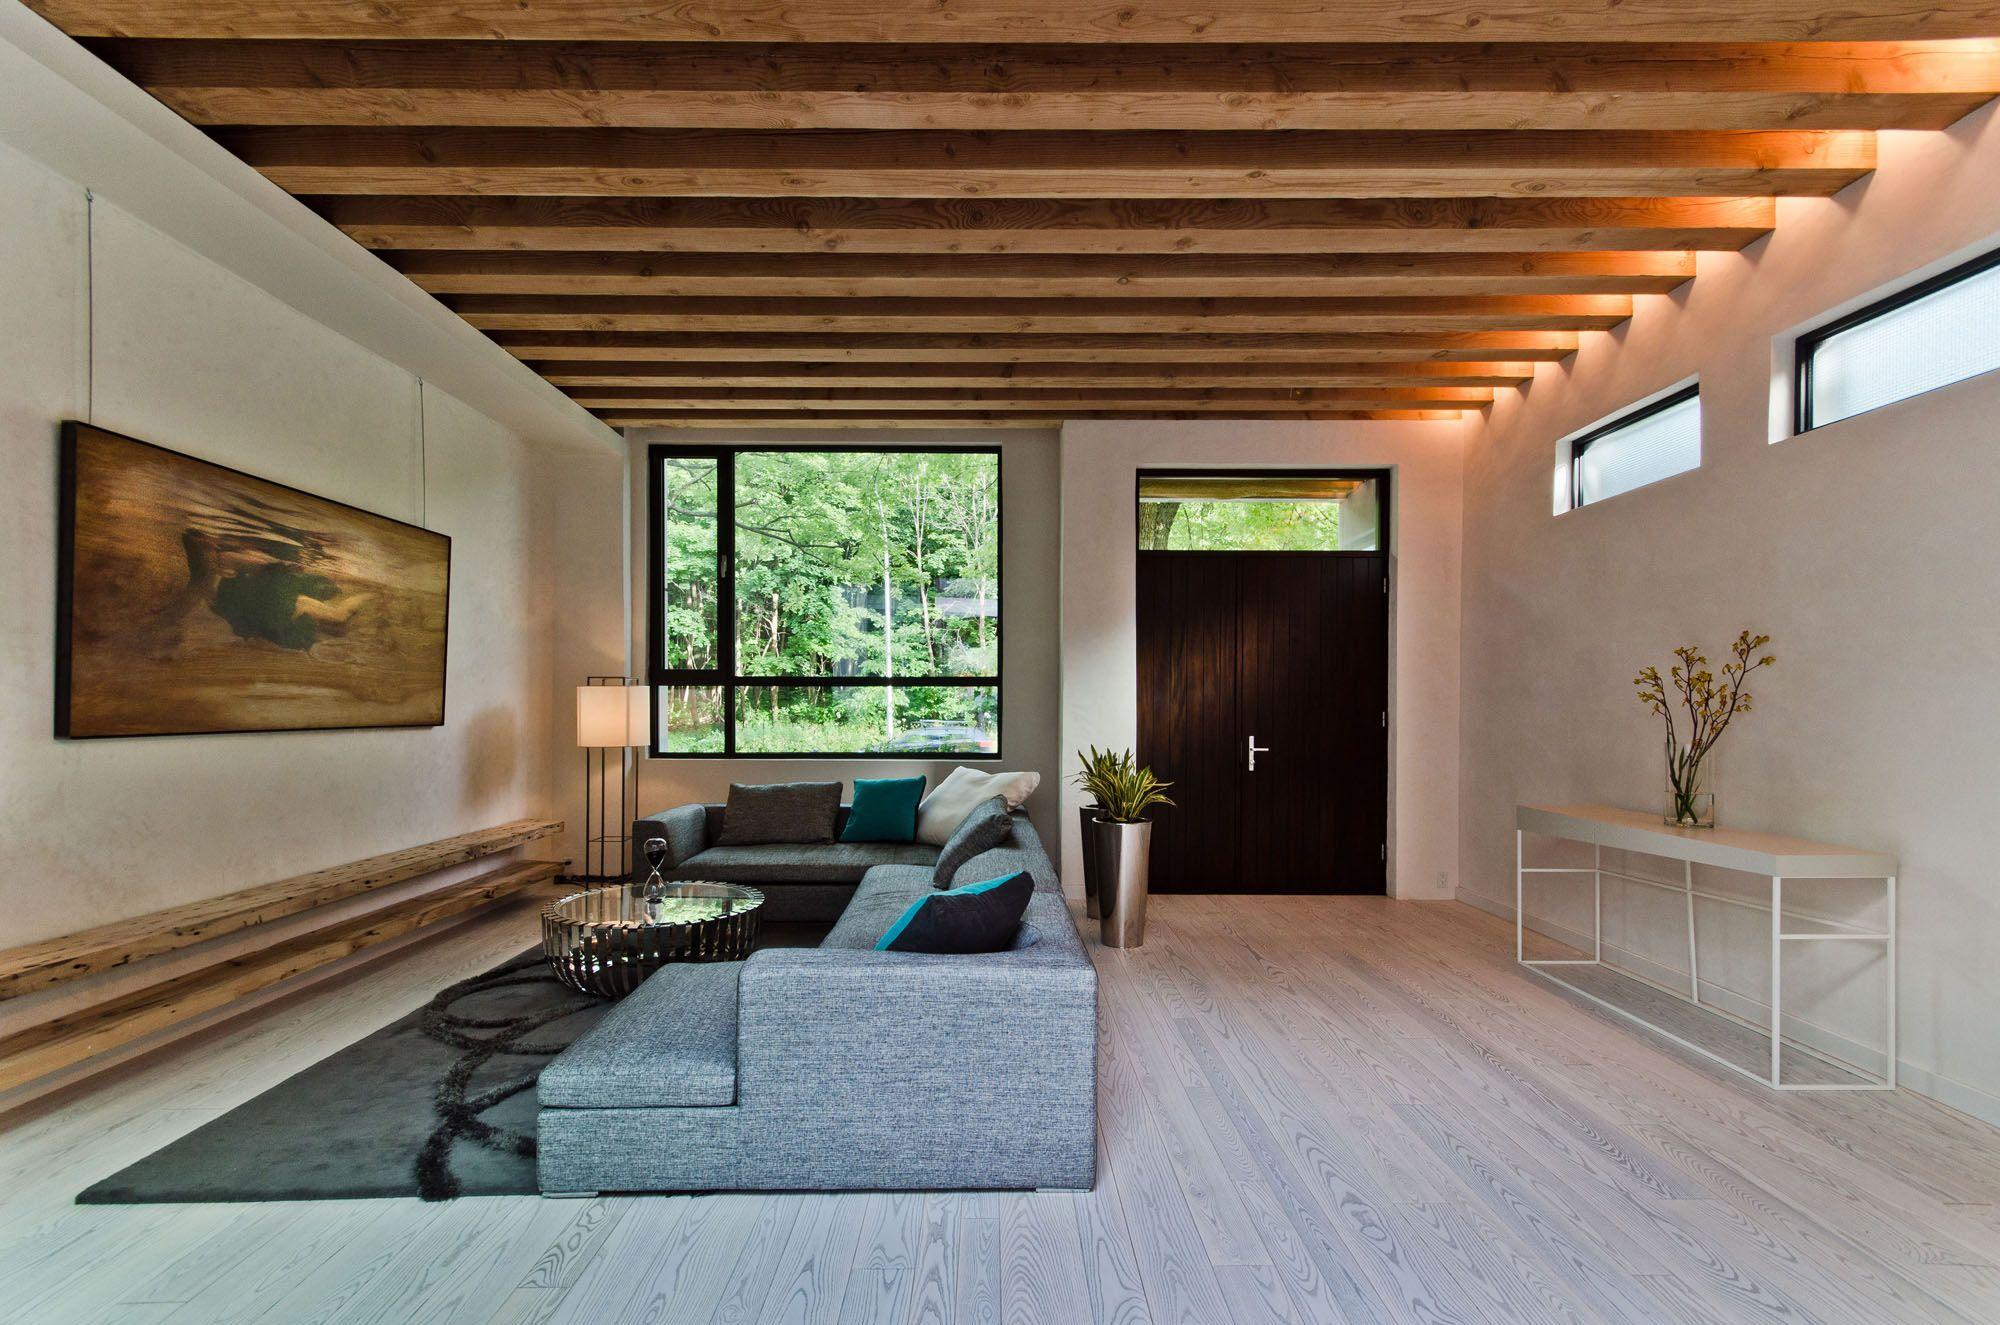 70 moderne, innovative Luxus Interieur Ideen fürs Wohnzimmer | Home ...